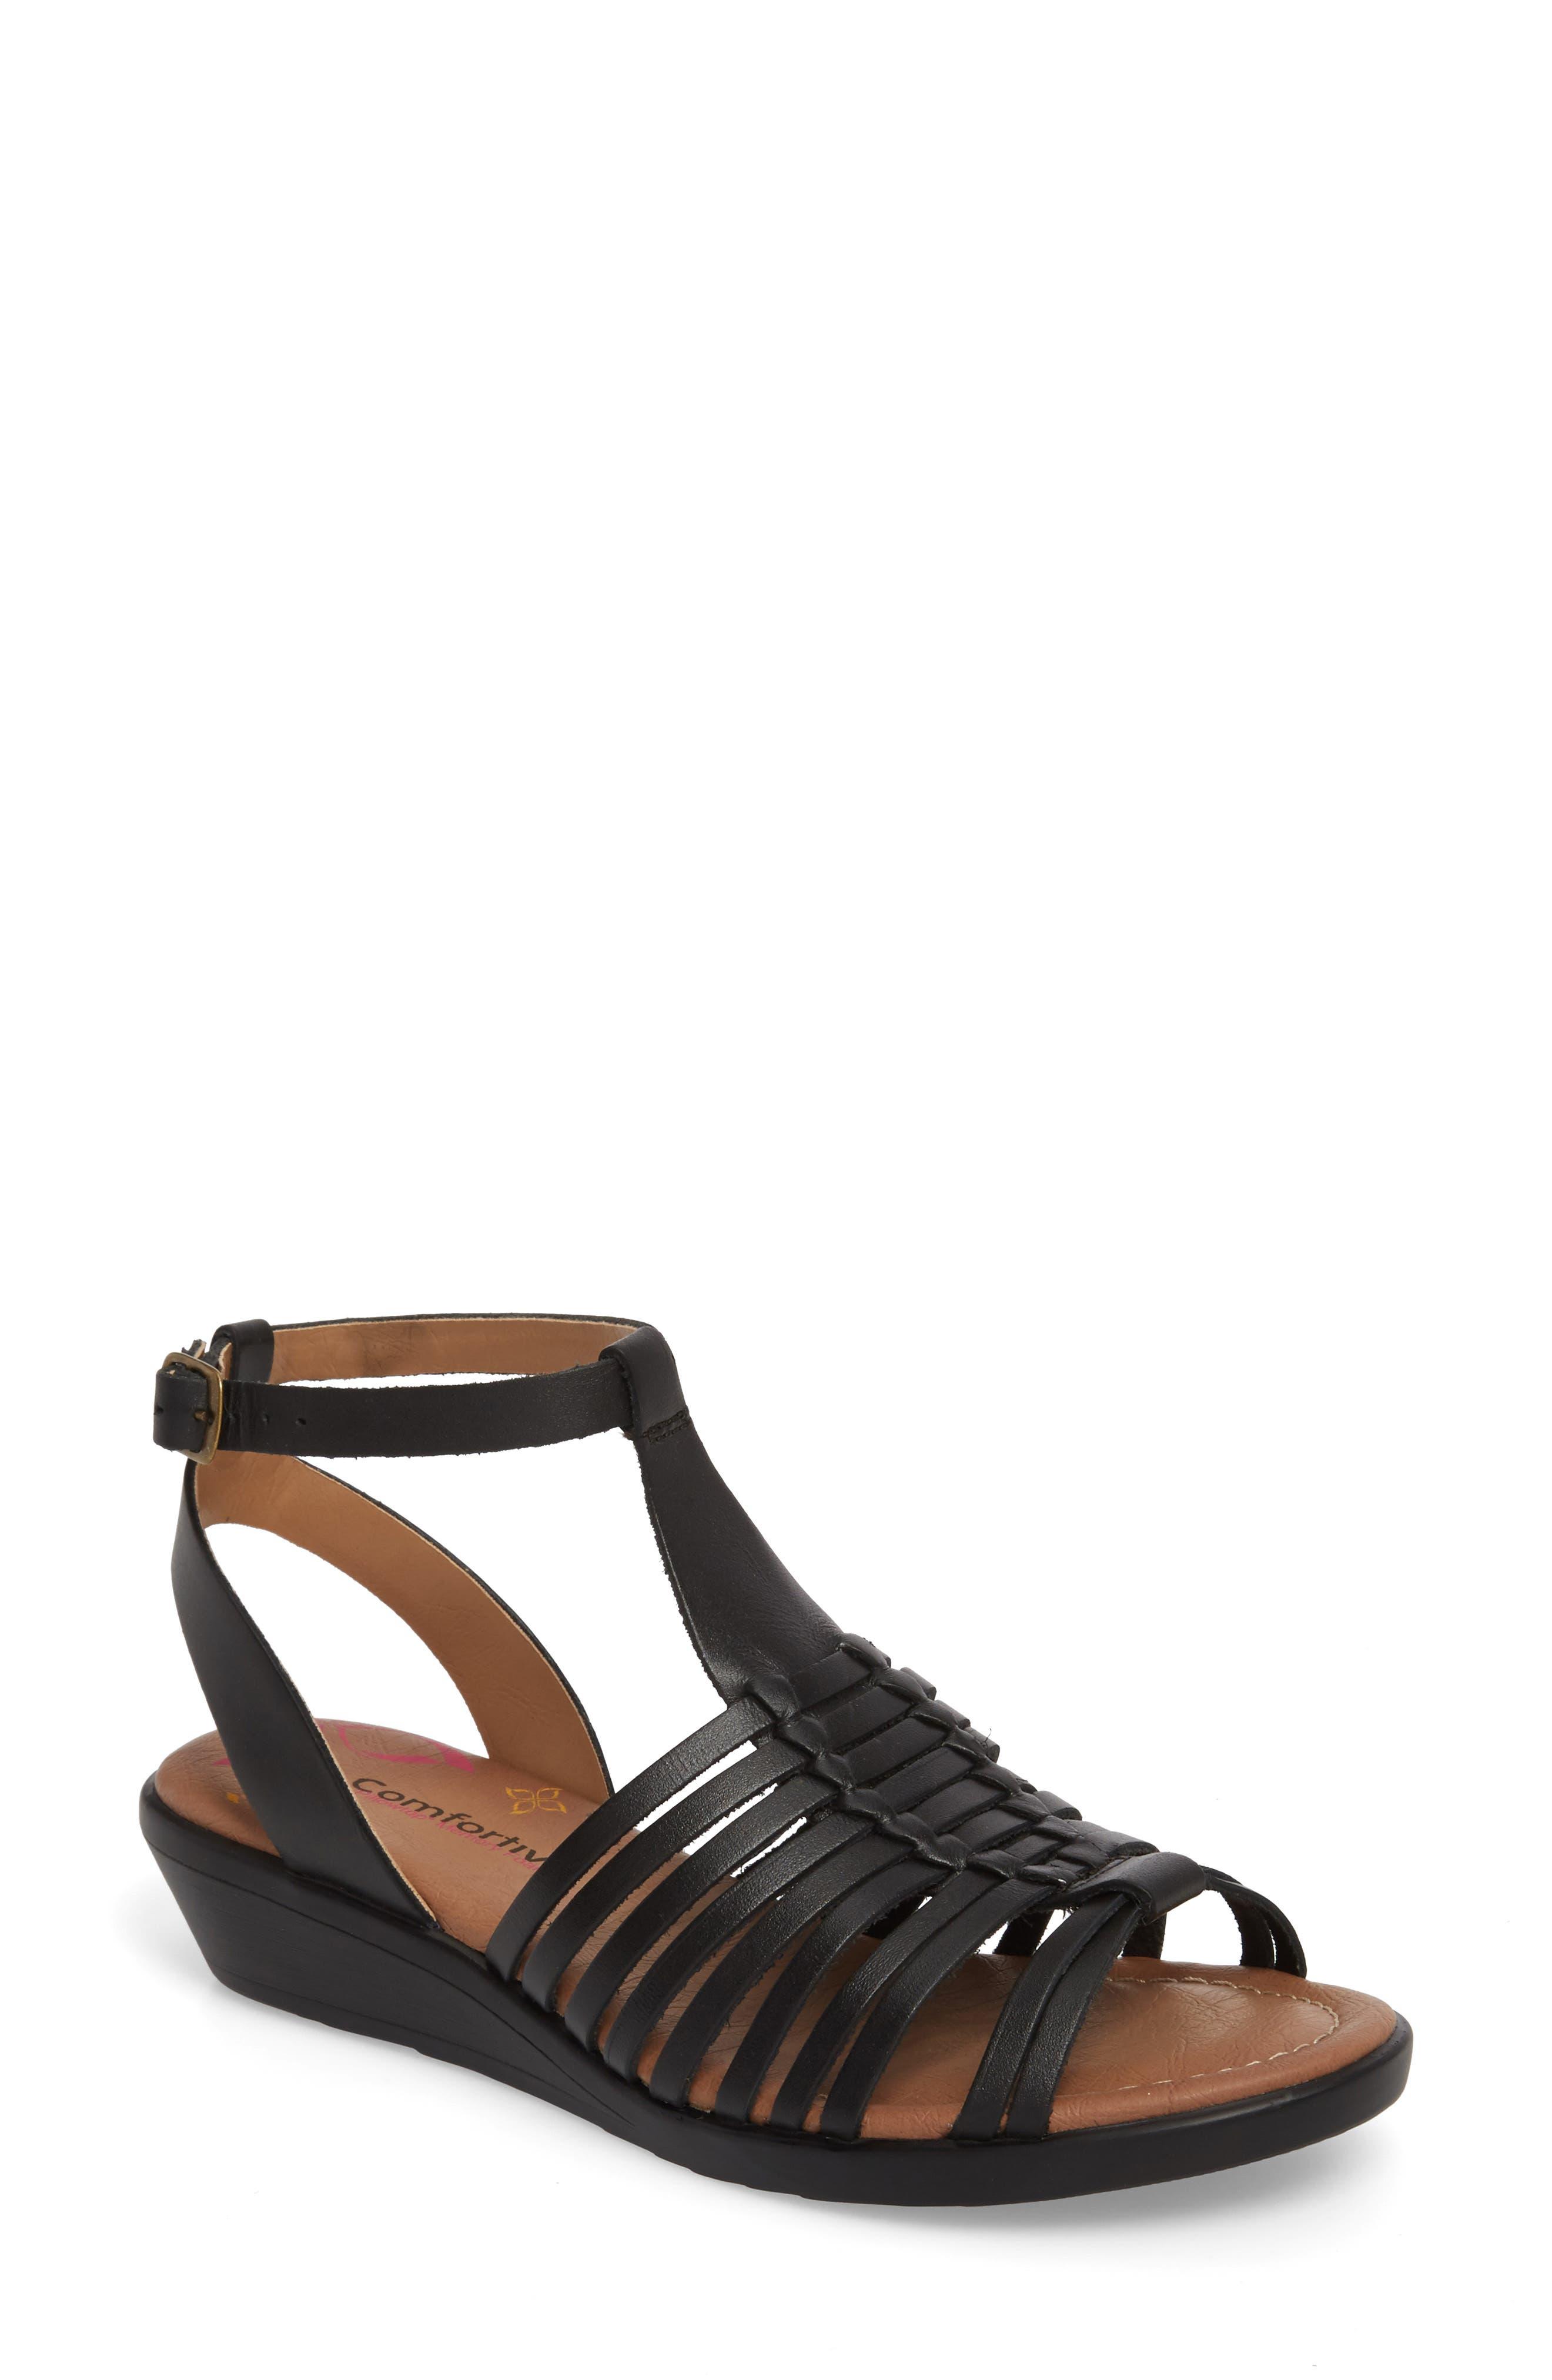 Farina Huarache Sandal,                         Main,                         color, BLACK LEATHER